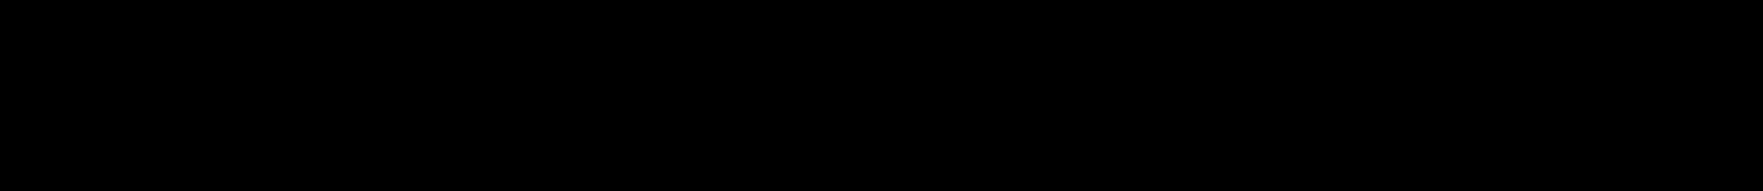 Sylvia Medium Italic